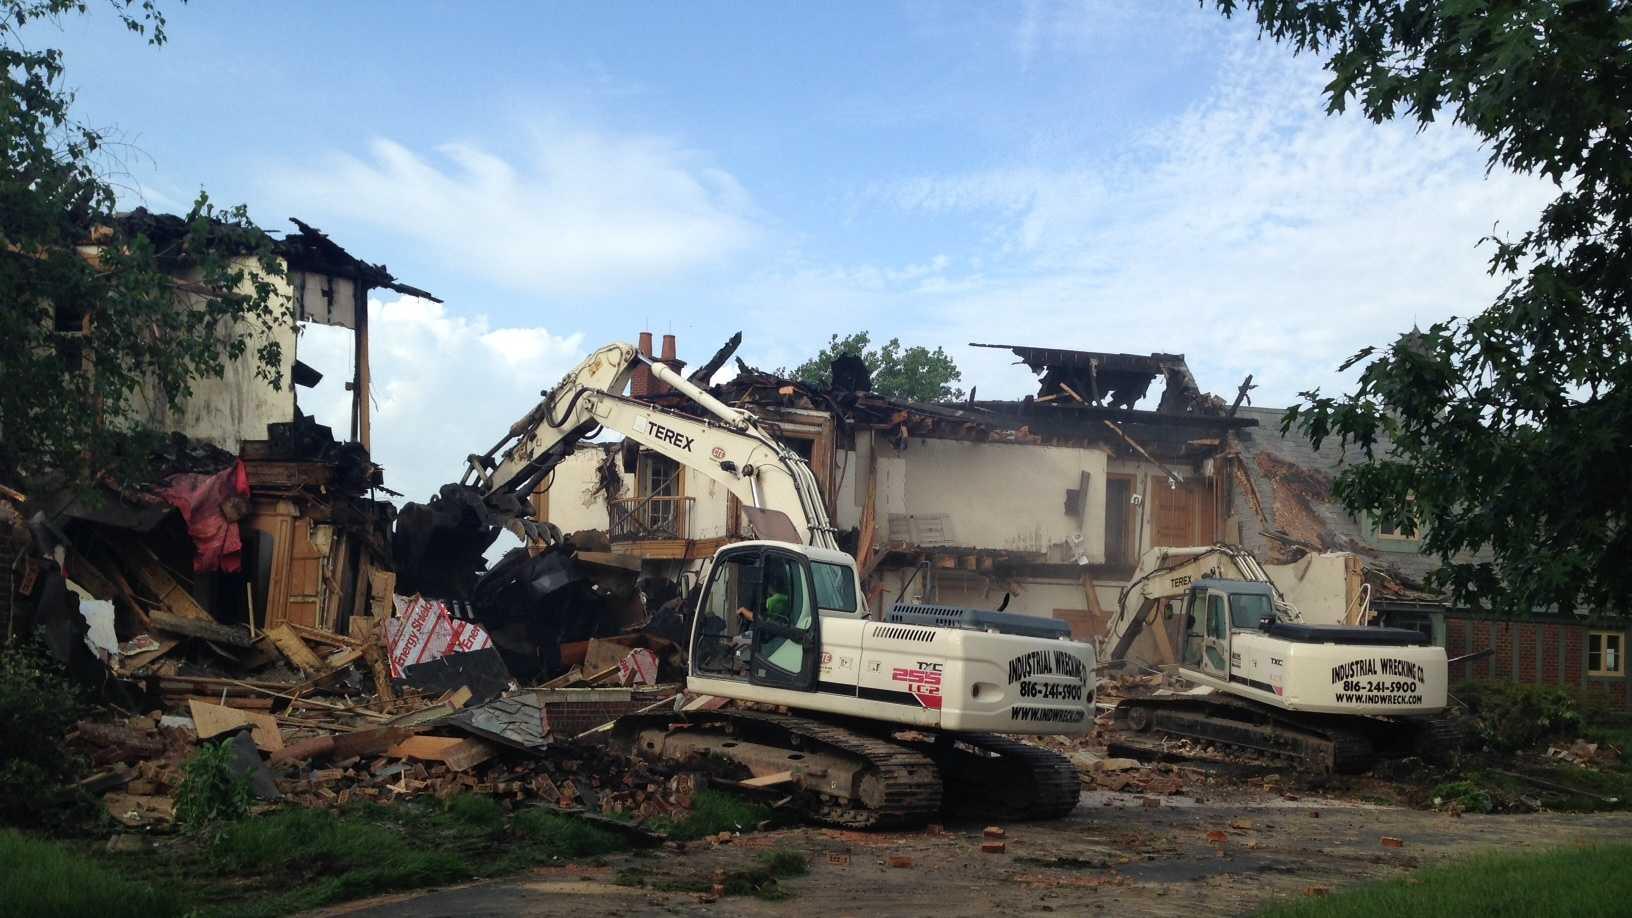 Garney Mansion demolition